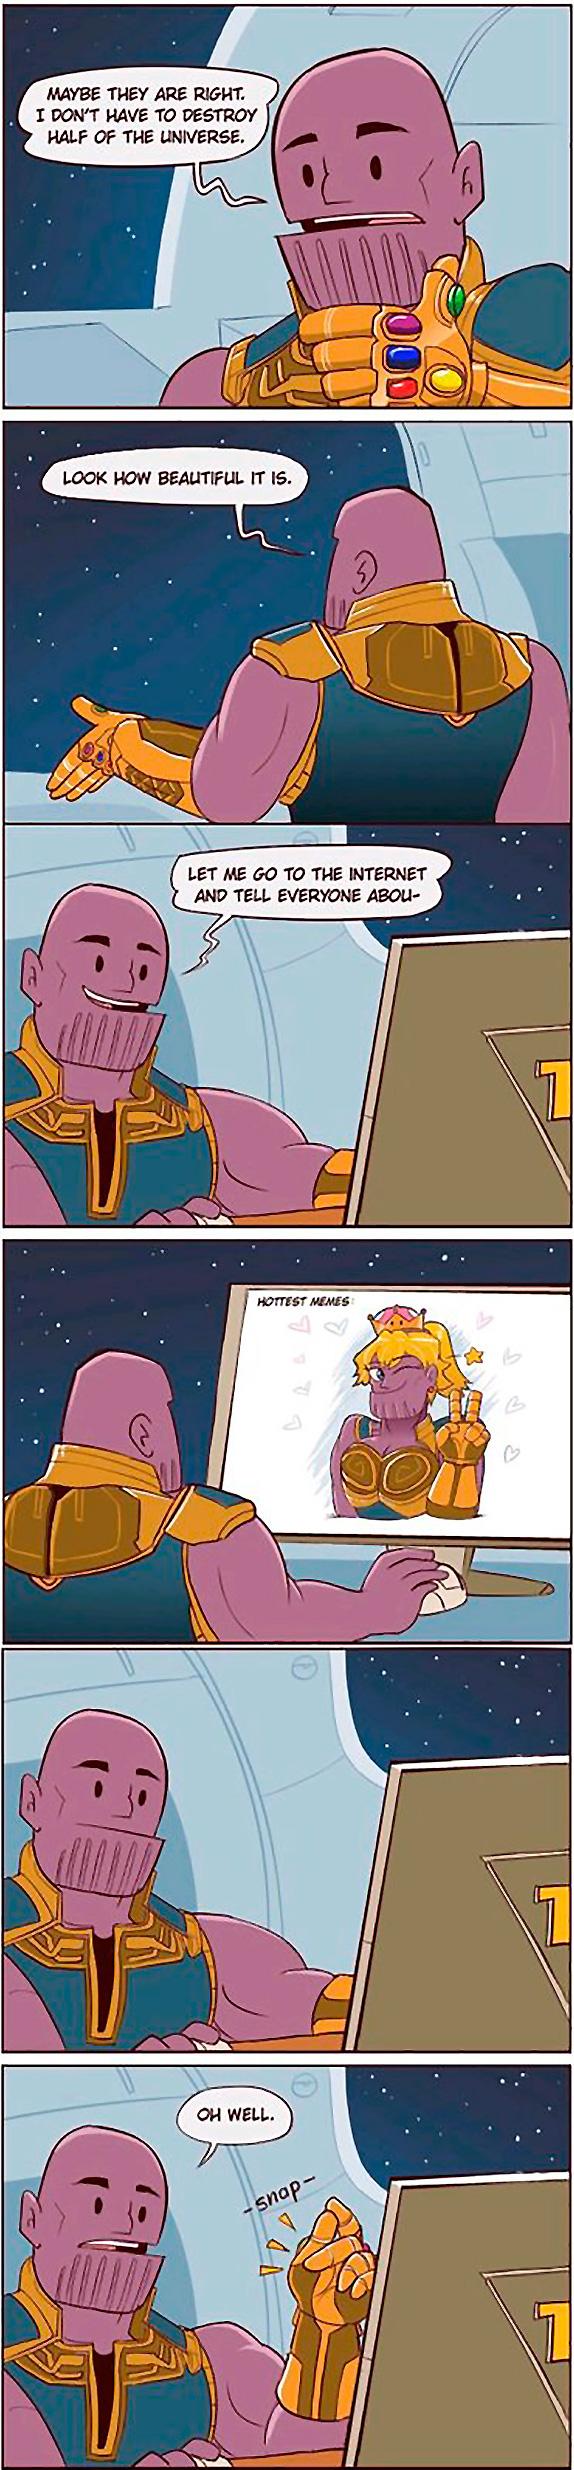 destroy half Universe